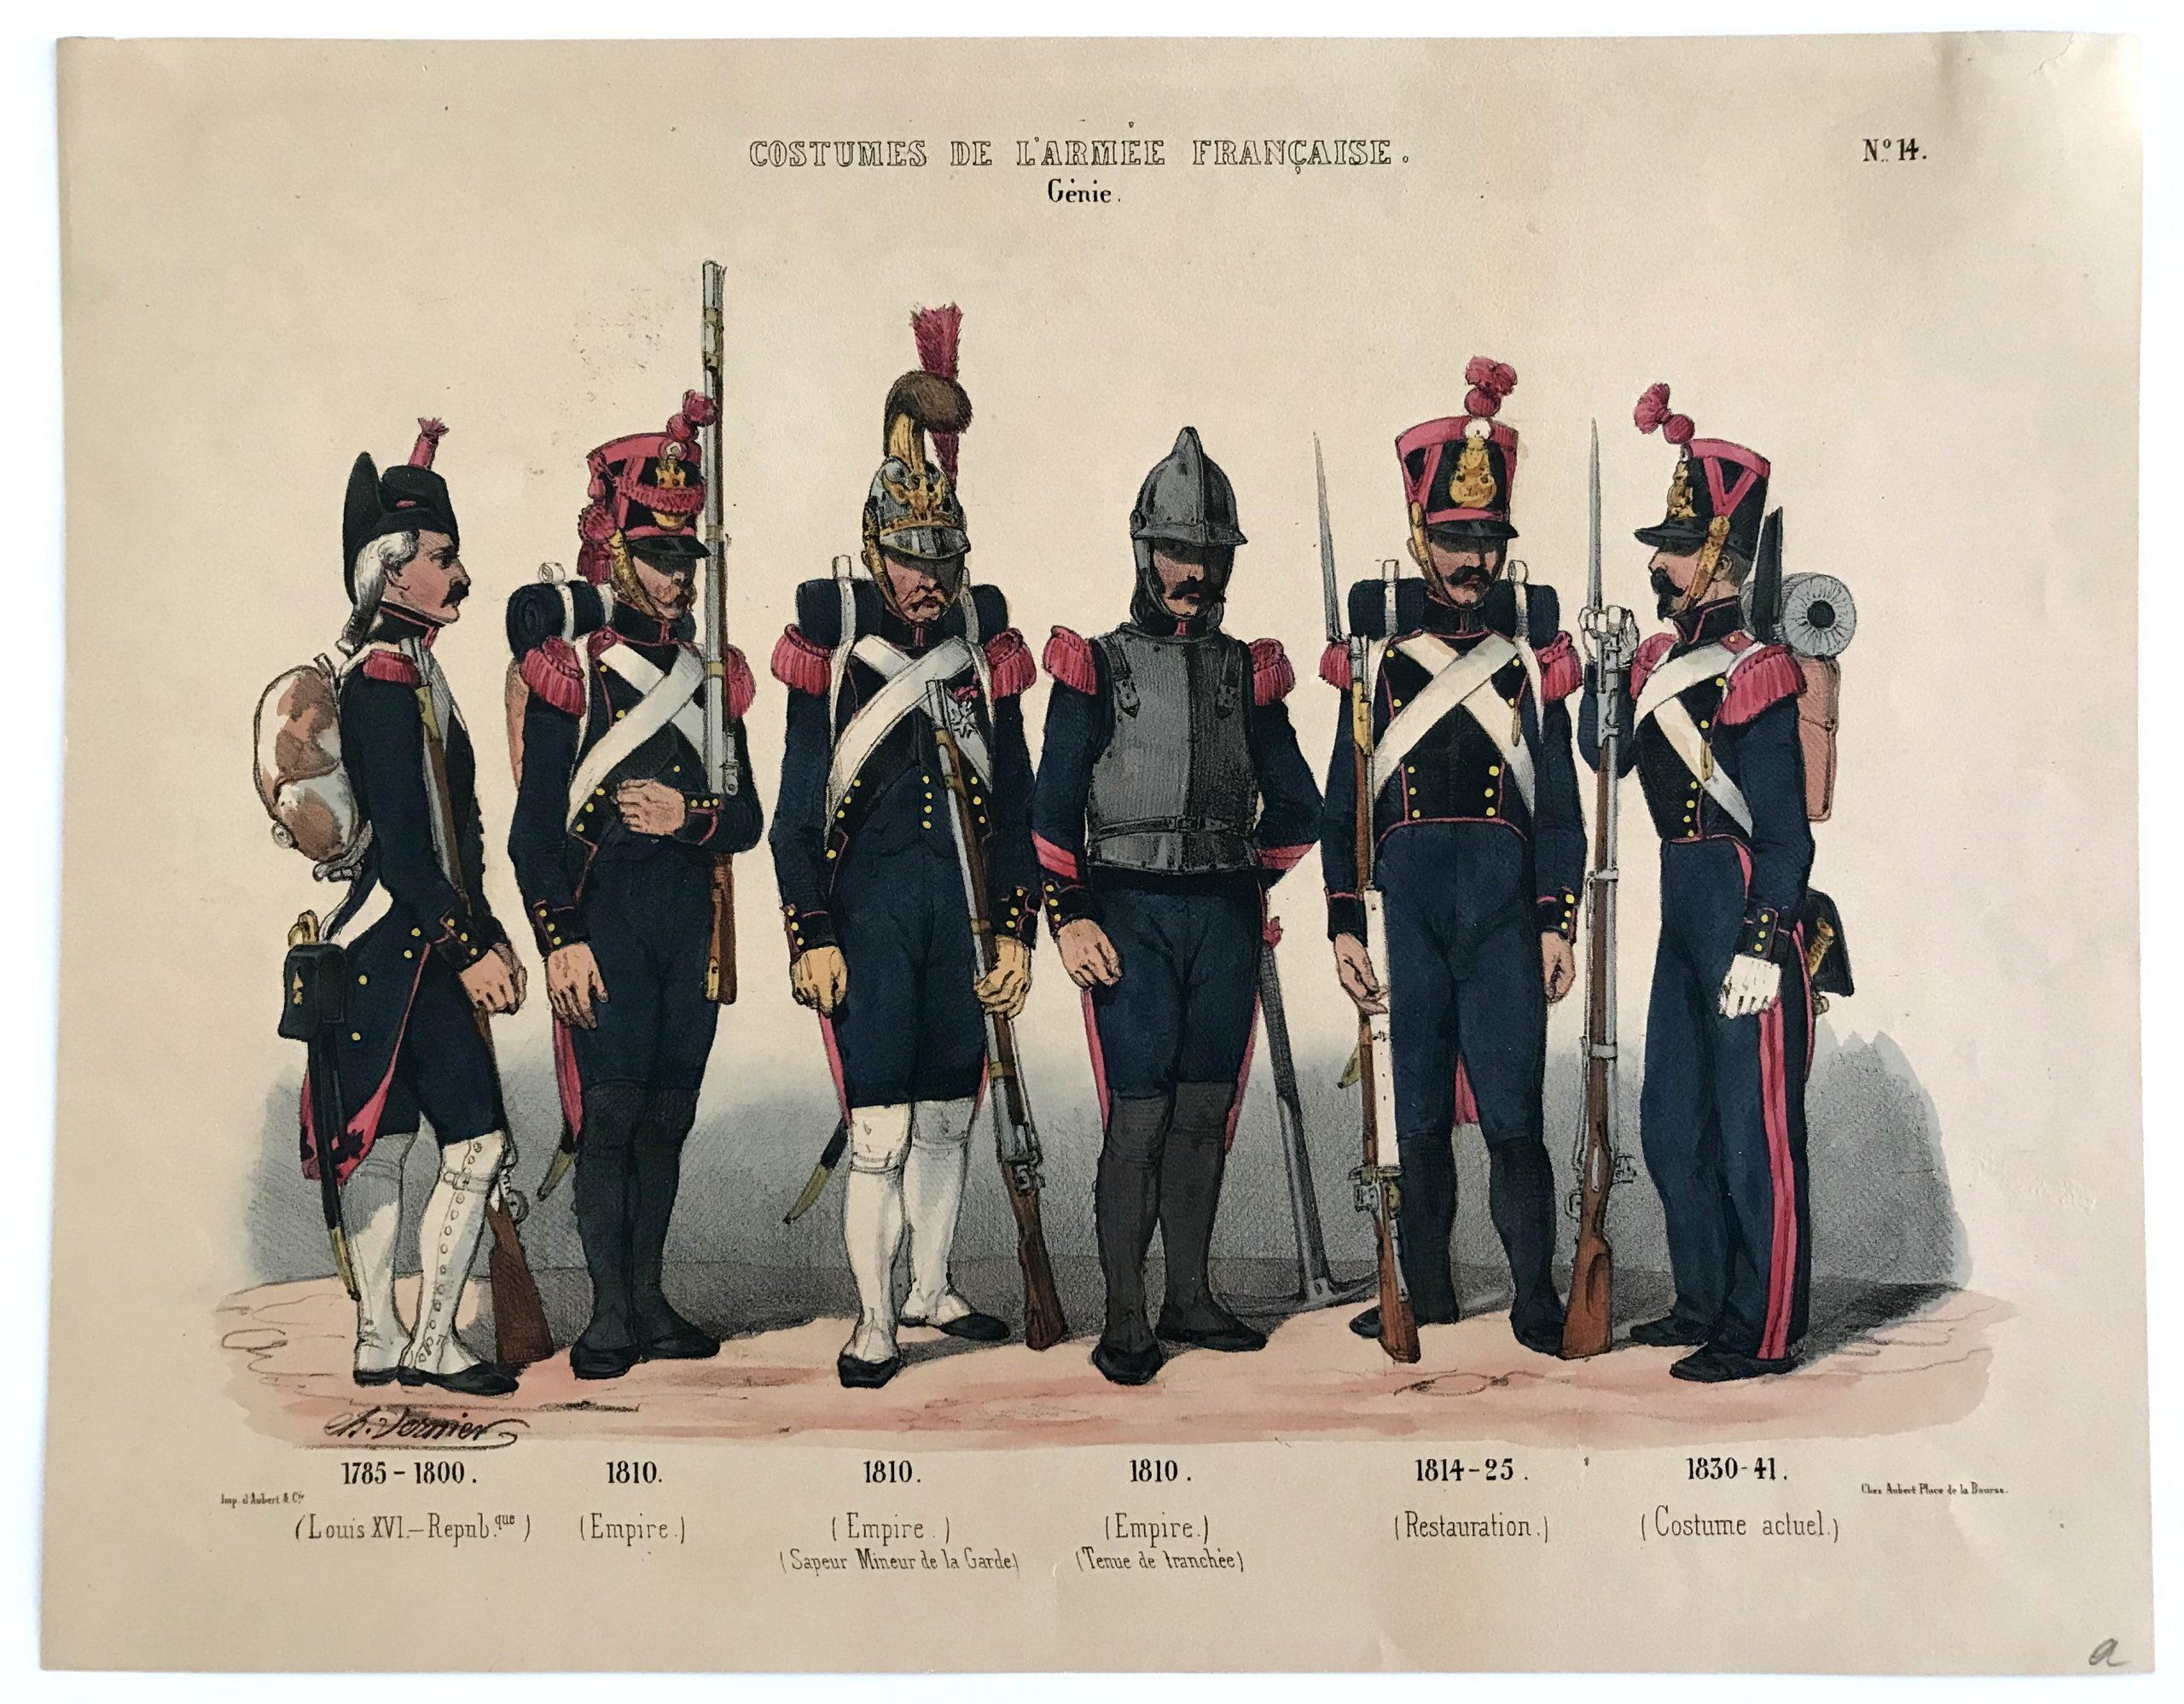 Uniformes de l'Armée française de 1660 à 1845, ouvrage publié par les éditions Herissey, avec le concours des Invalides, illustré par 60 planches de dessins réalisés au xixe siècle par Charles Vernier.